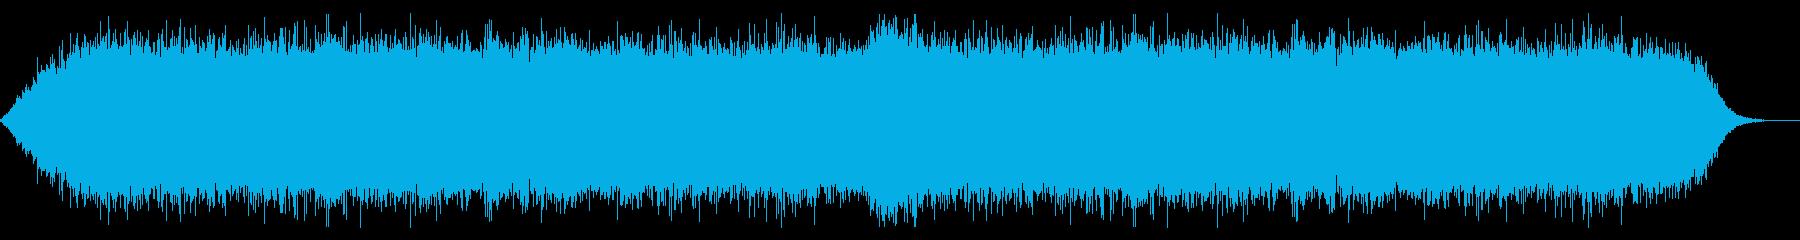 Dark_ホラーで怪しく神秘的-18_Lの再生済みの波形